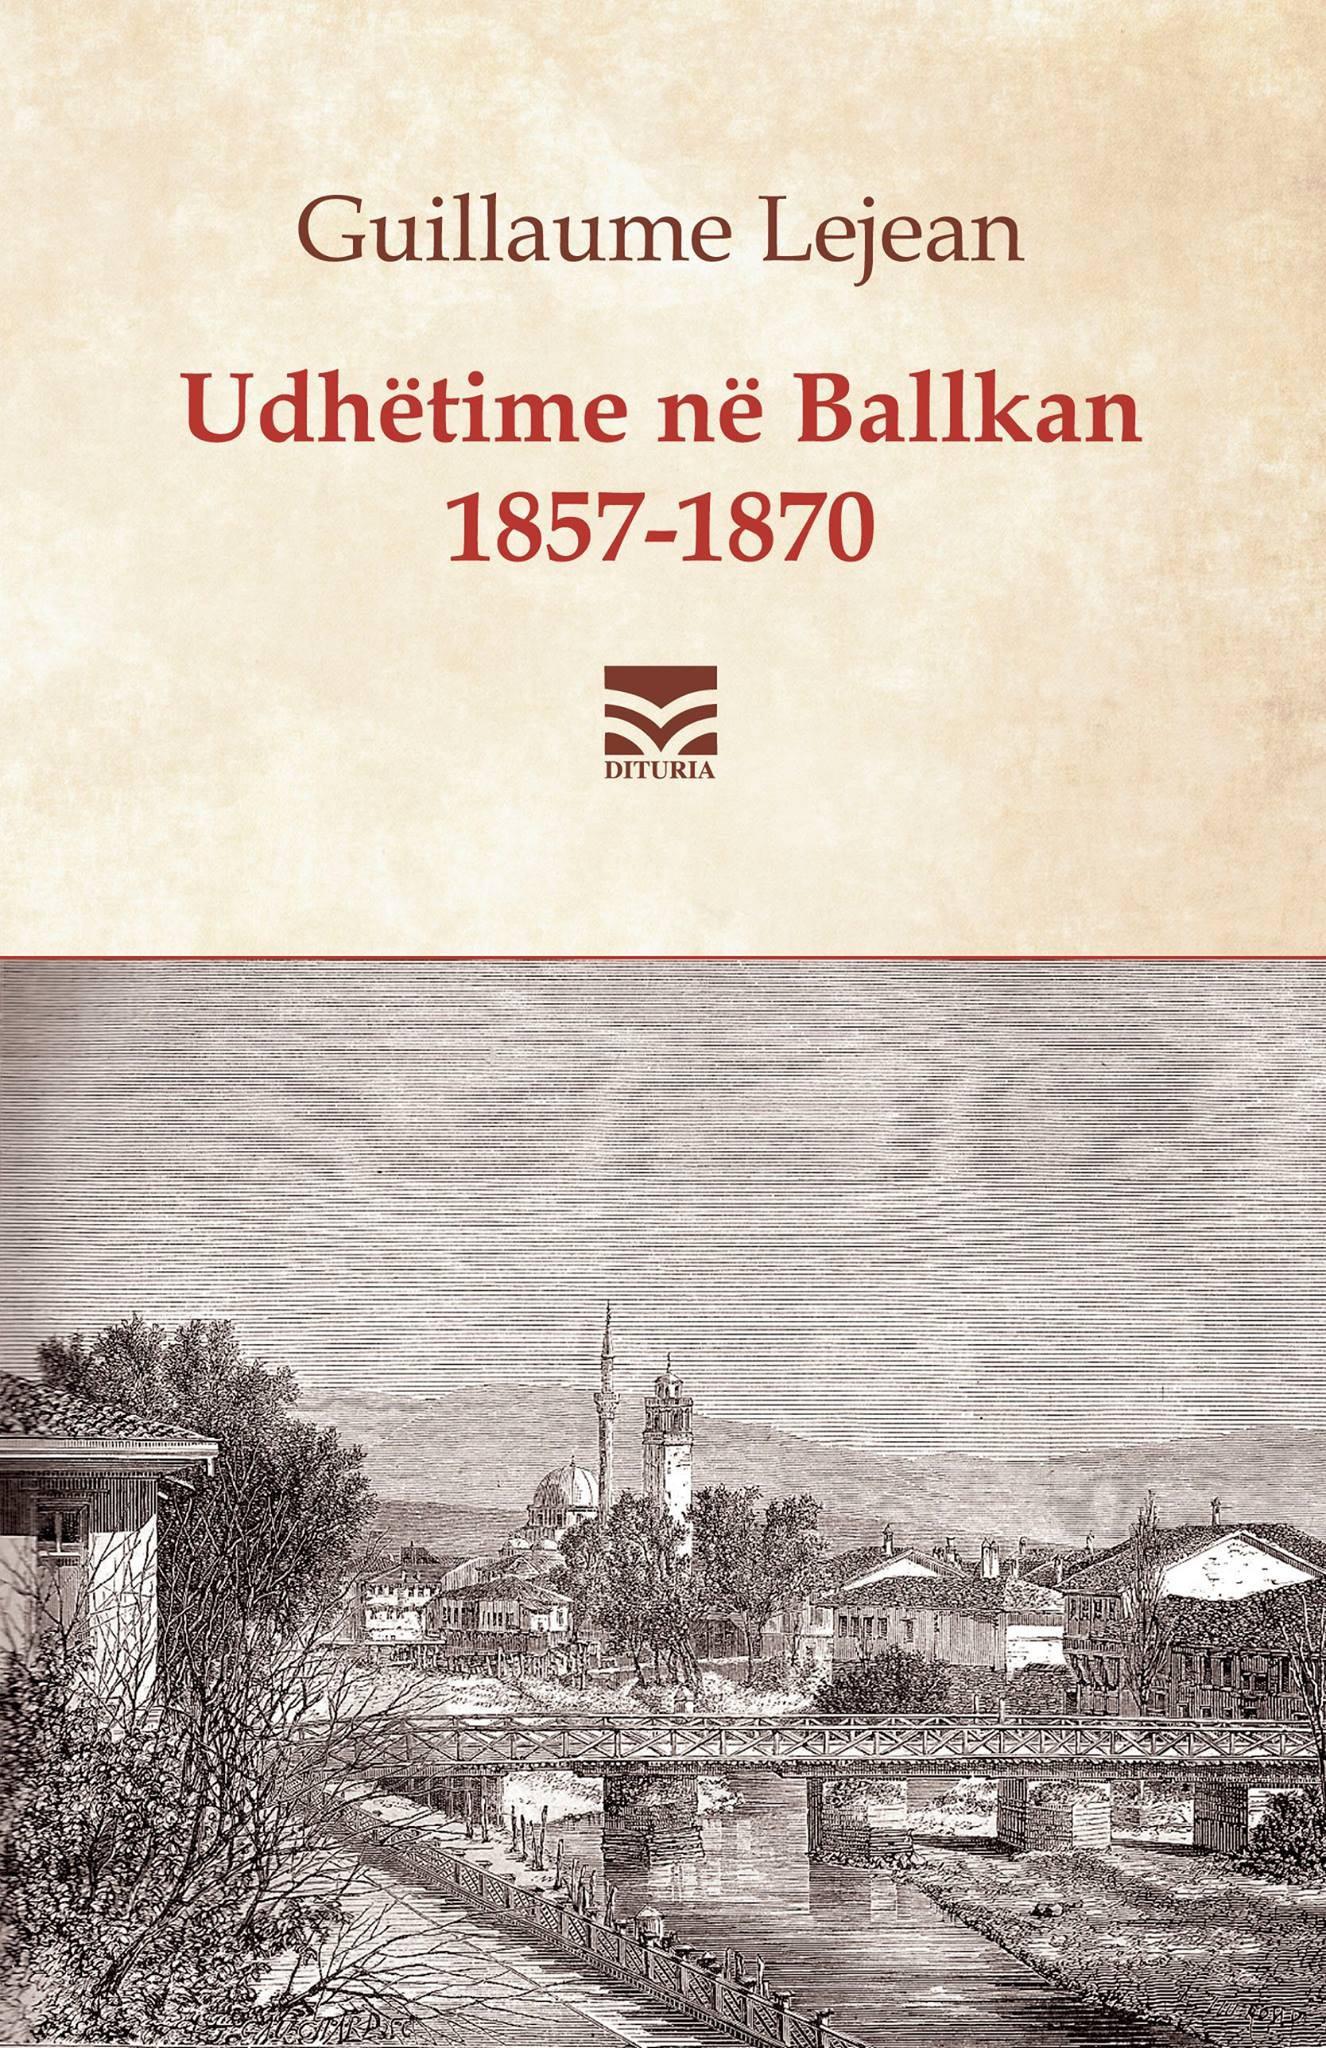 Udhetime ne Ballkan